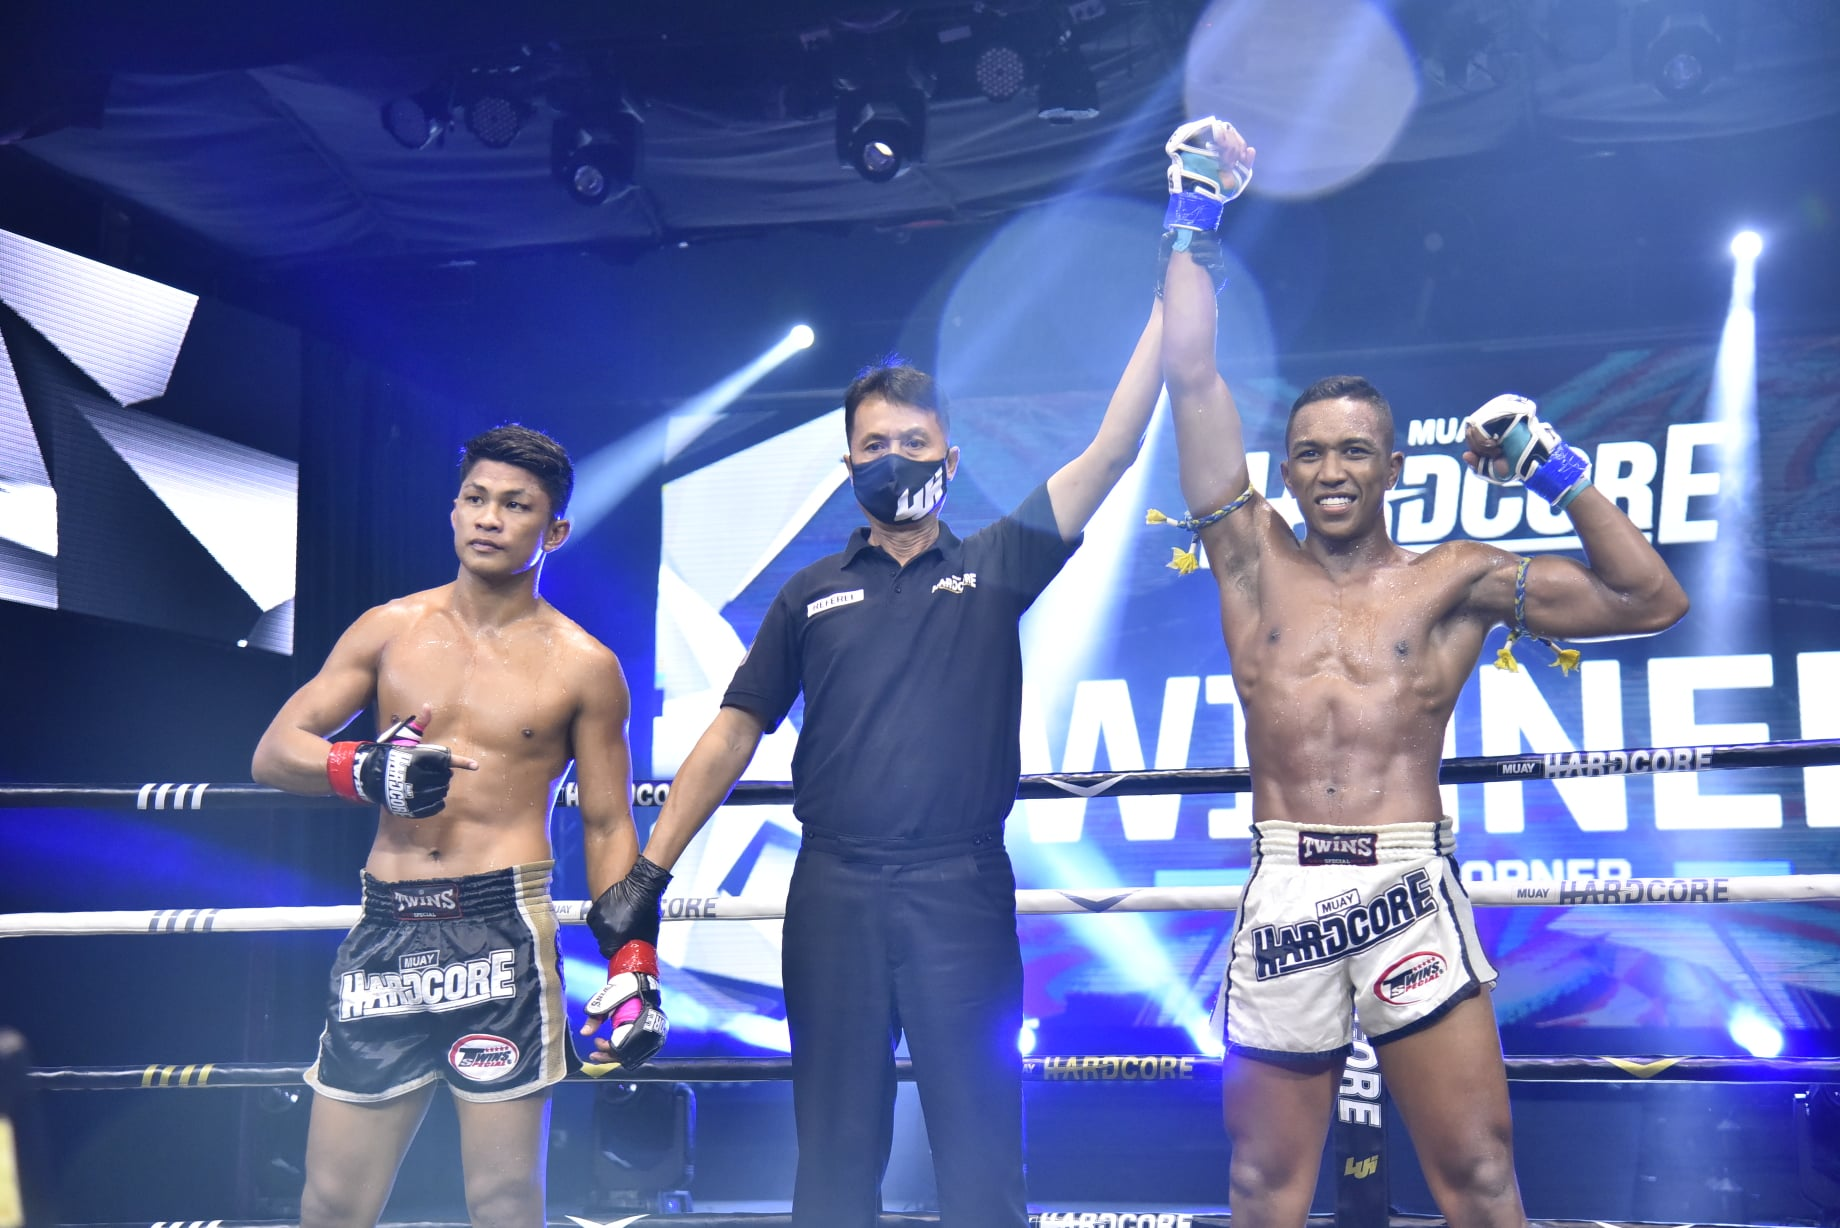 Victor Almeida nocauteia na luta principal no Muay Hardcore;